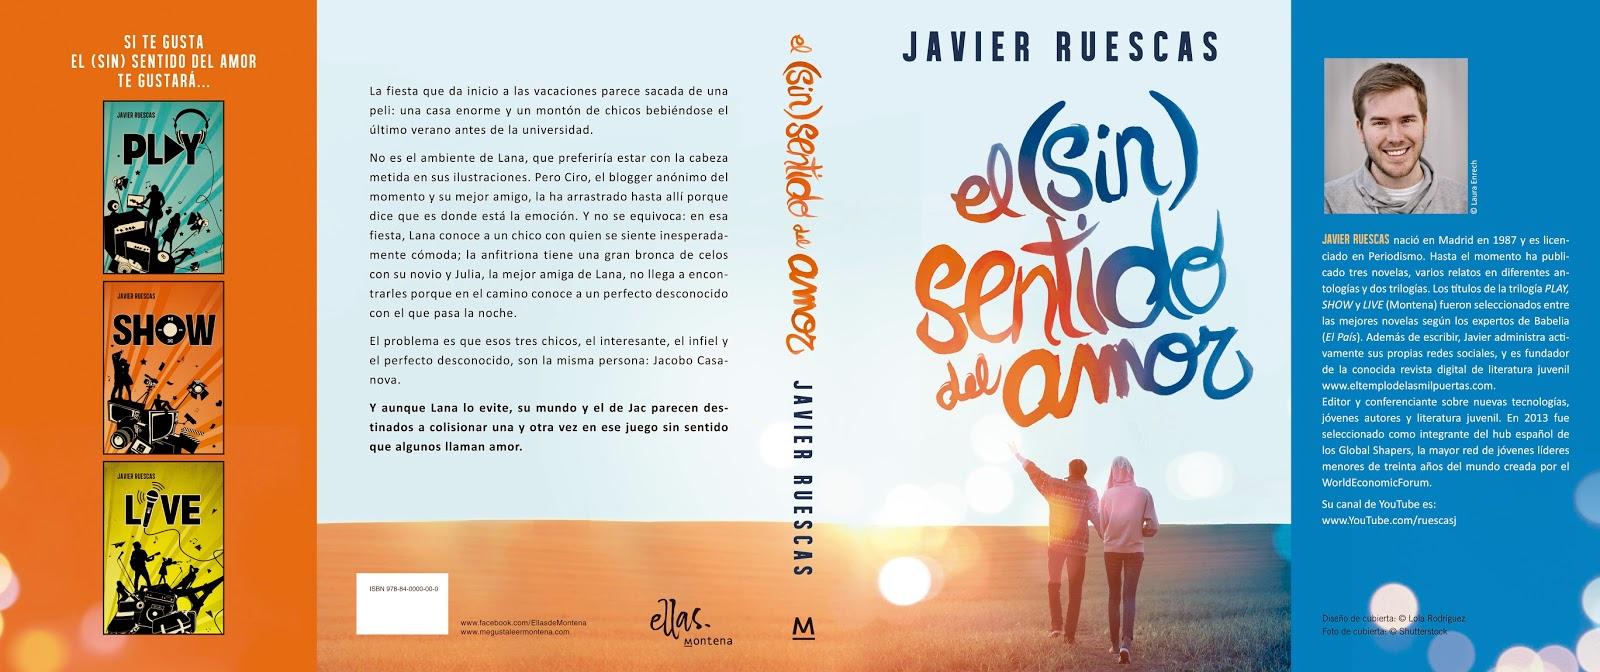 Recorrido de ''El (Sin) Sentido del Amor'', de Javier Ruescas